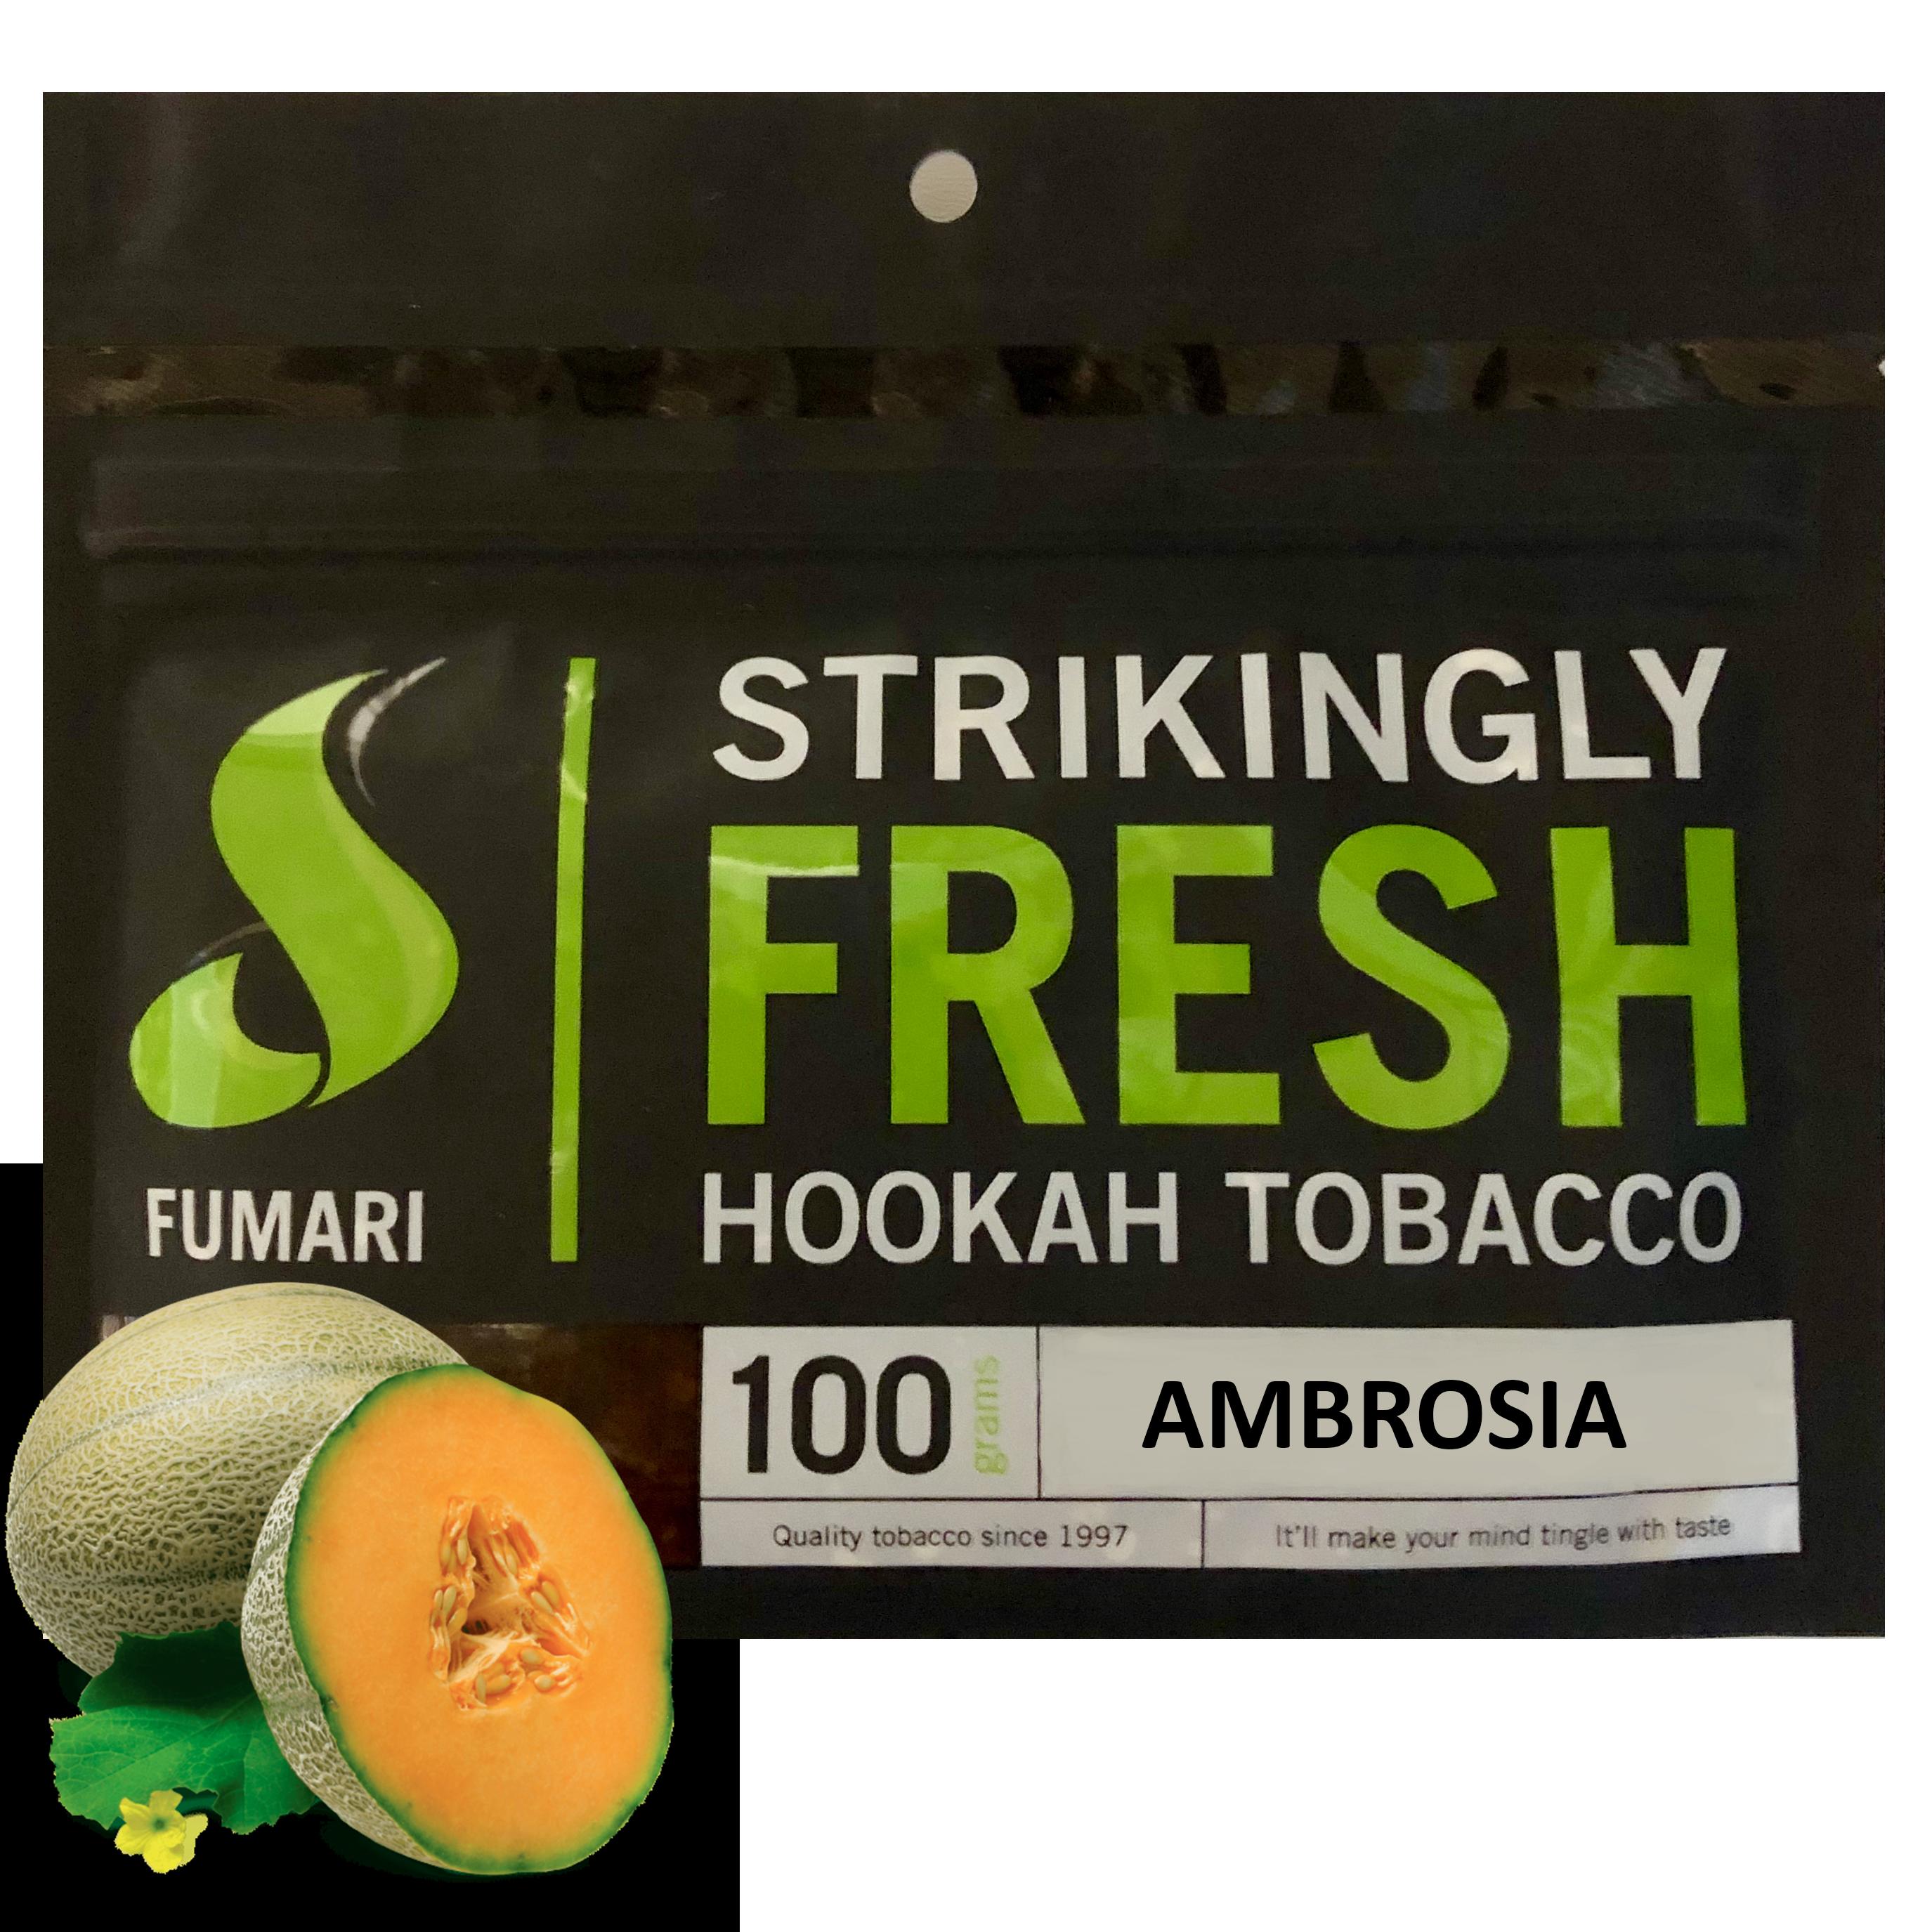 Американский табак фумари (fumari) и его лучшие вкусы